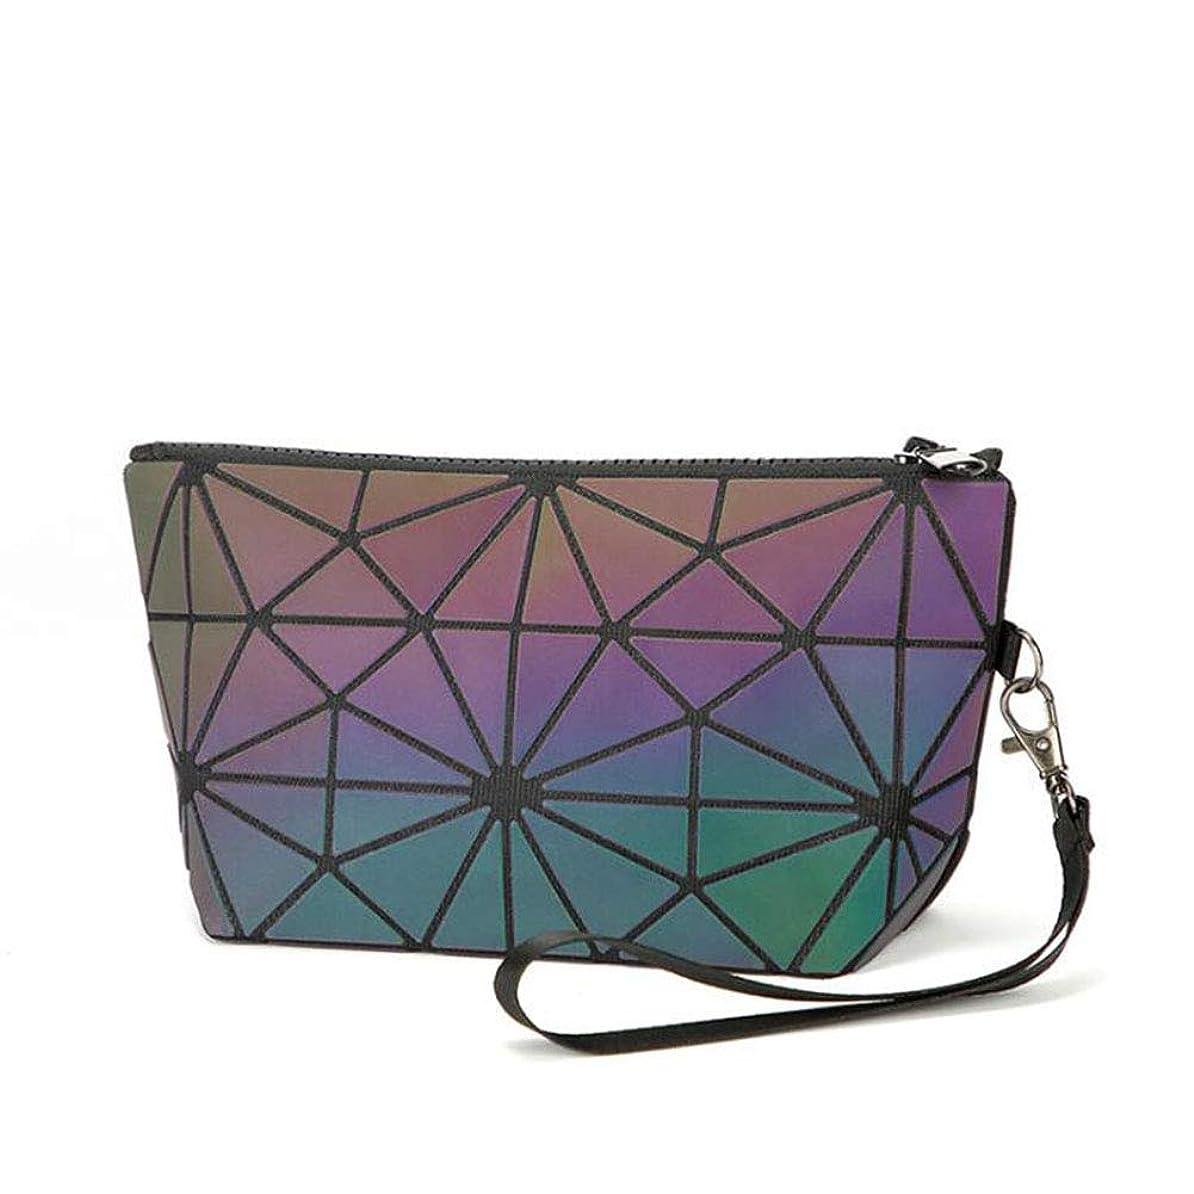 してはいけない脱獄忌まわしい新しい PVC 小さな化粧品バッグ幾何学的なダイヤモンドレディースルミナスレーザーハンド Makup バッグ